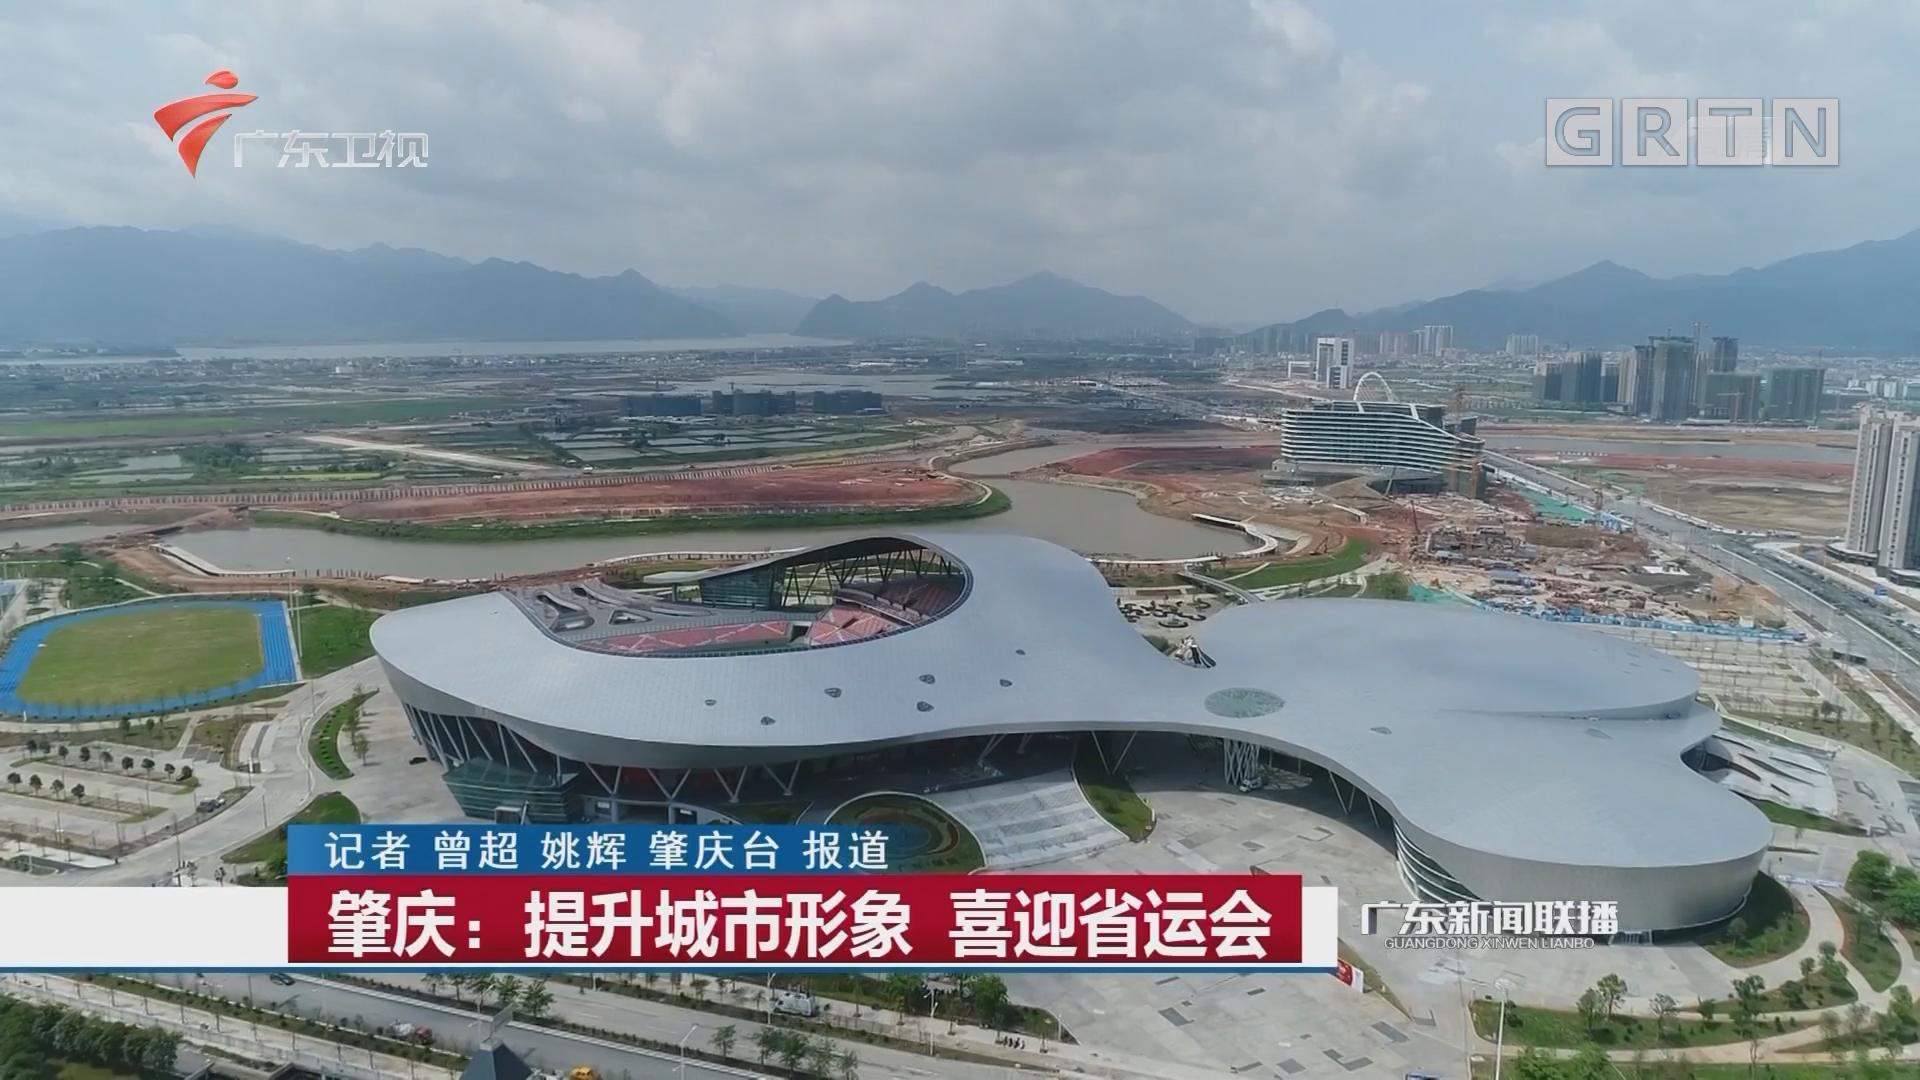 肇庆:提升城市形象 喜迎省运会